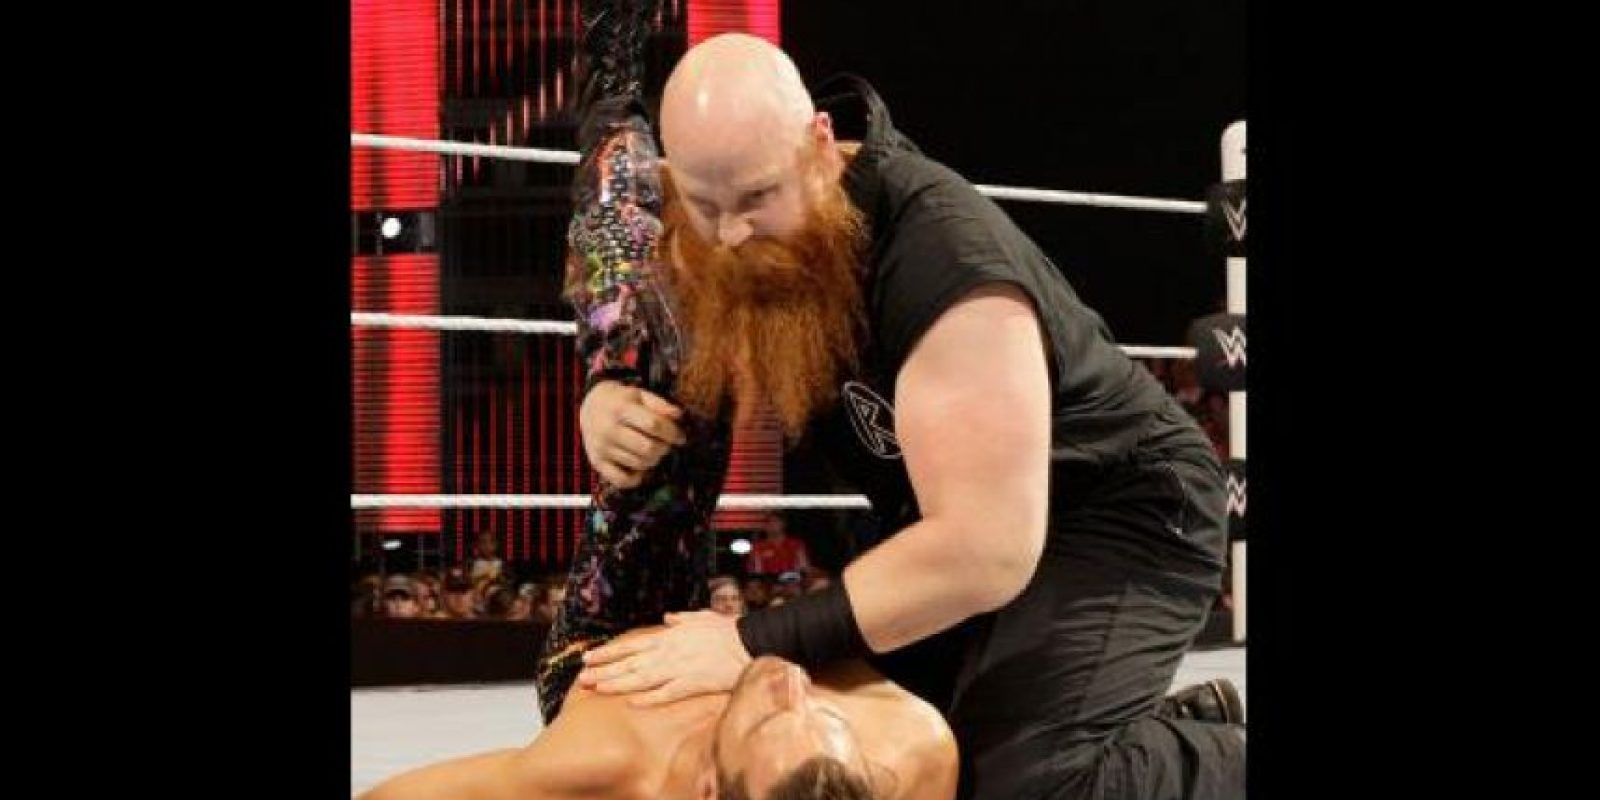 Se espera que la Familia Wyatt se disuelva el próximo año y uno de los sacrificados sería el calvo de la barba roja Foto:WWE